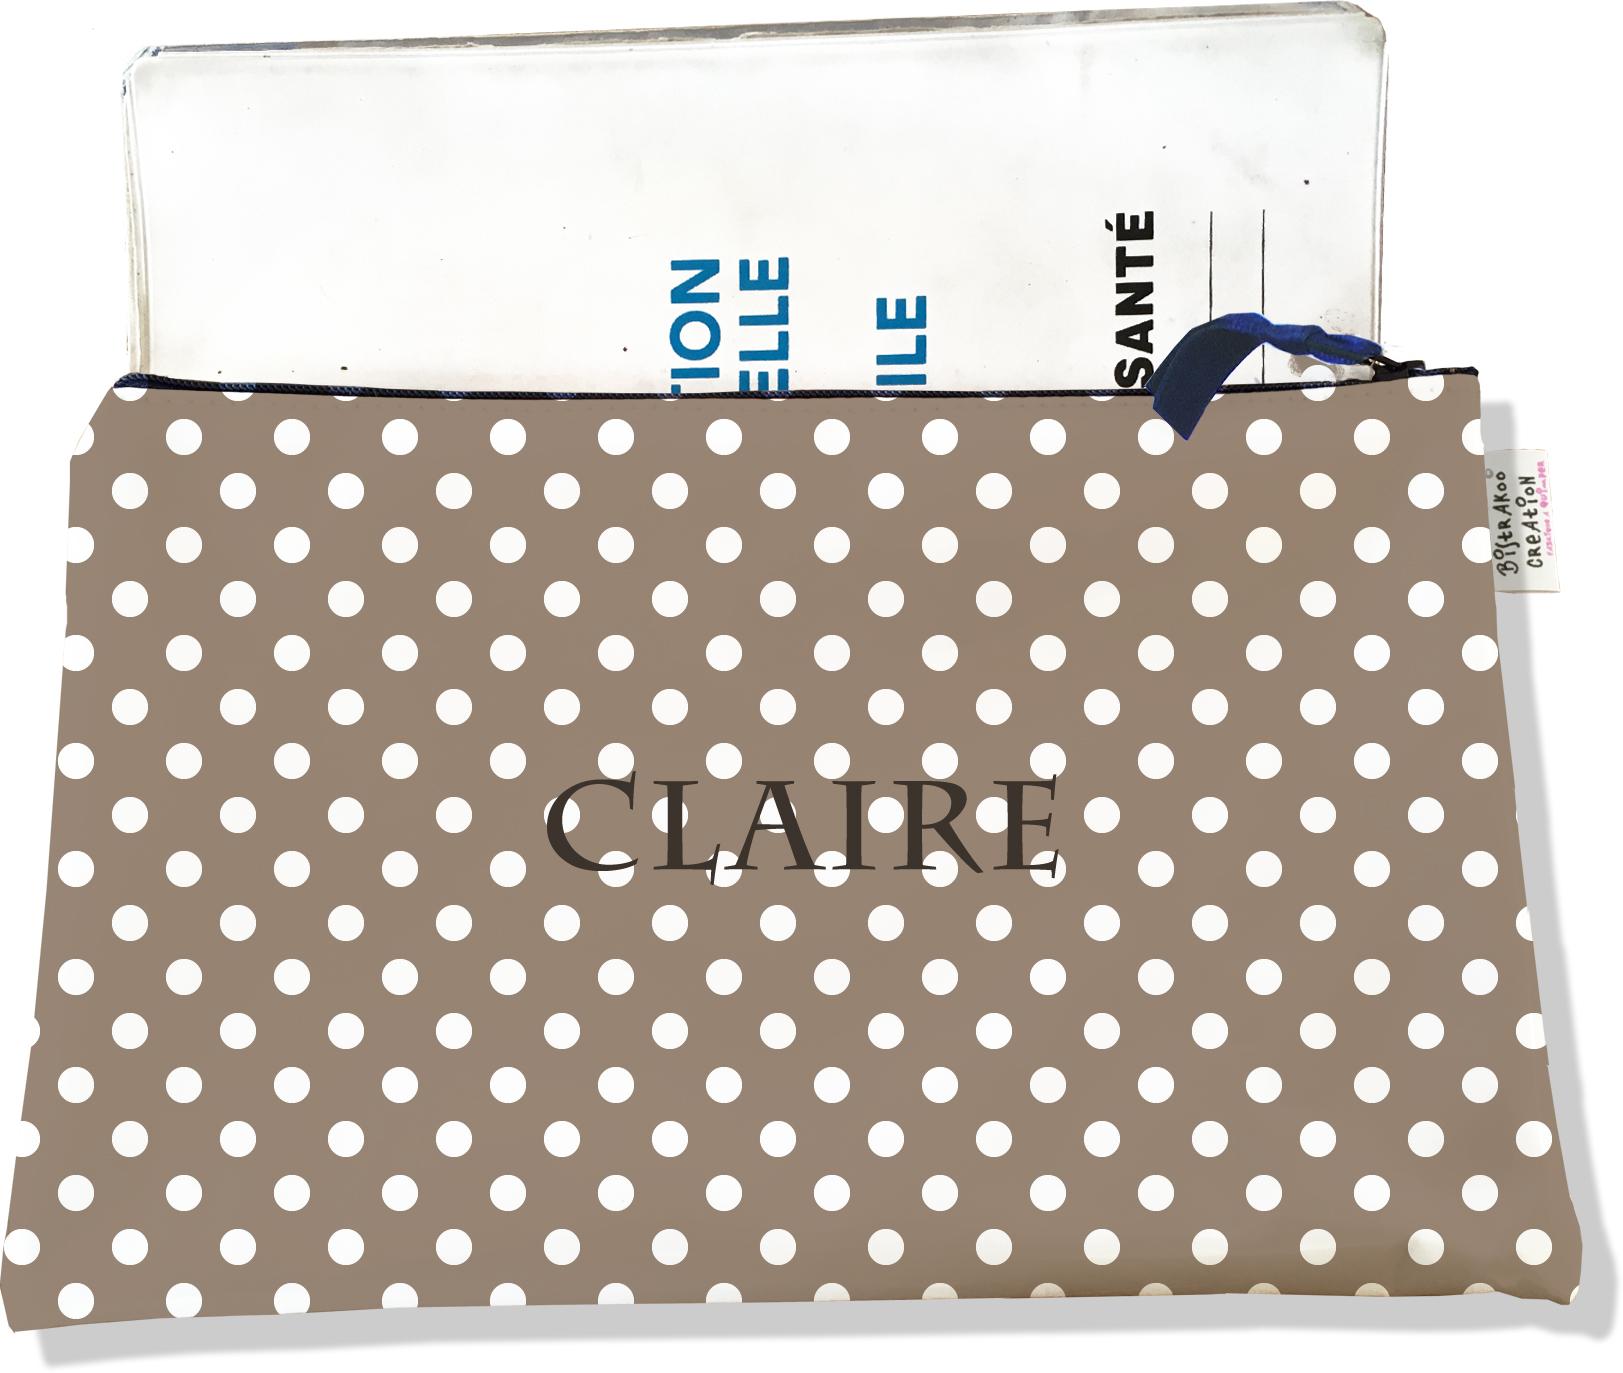 Protège carnet de santé personnalisable zippé pour femme motif Pois blancs fond beige 2058